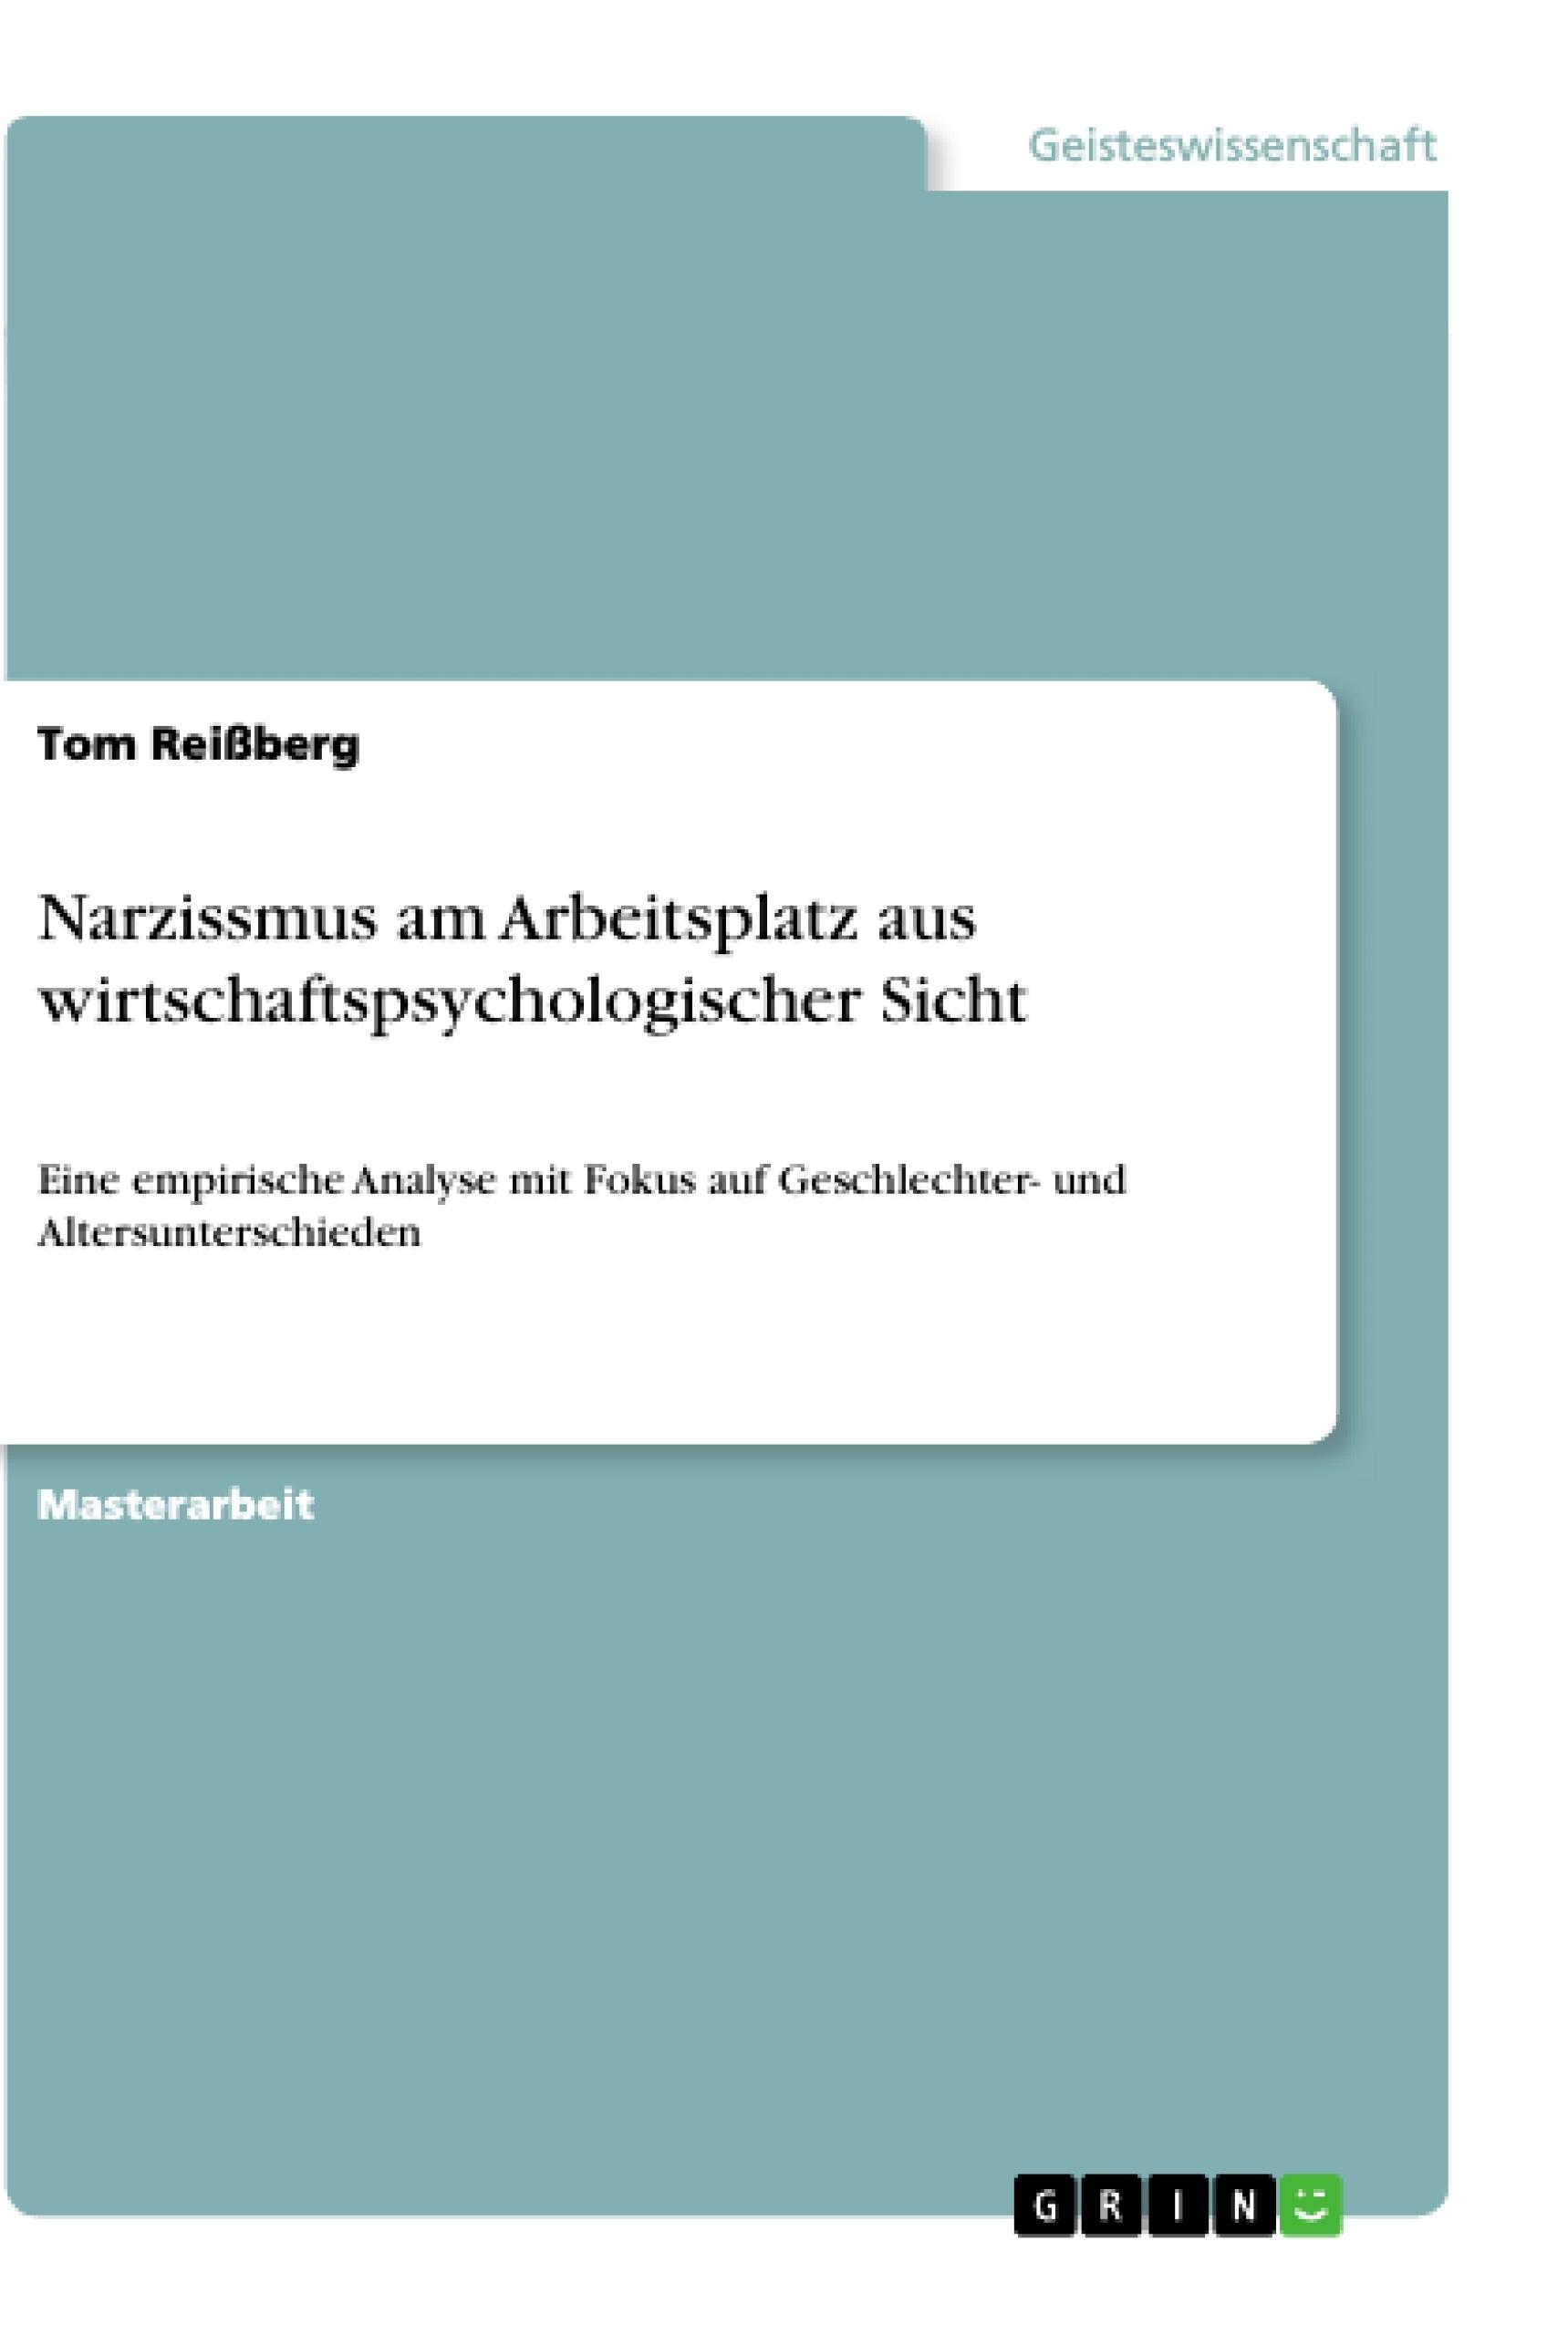 Titel: Narzissmus am Arbeitsplatz aus wirtschaftspsychologischer Sicht